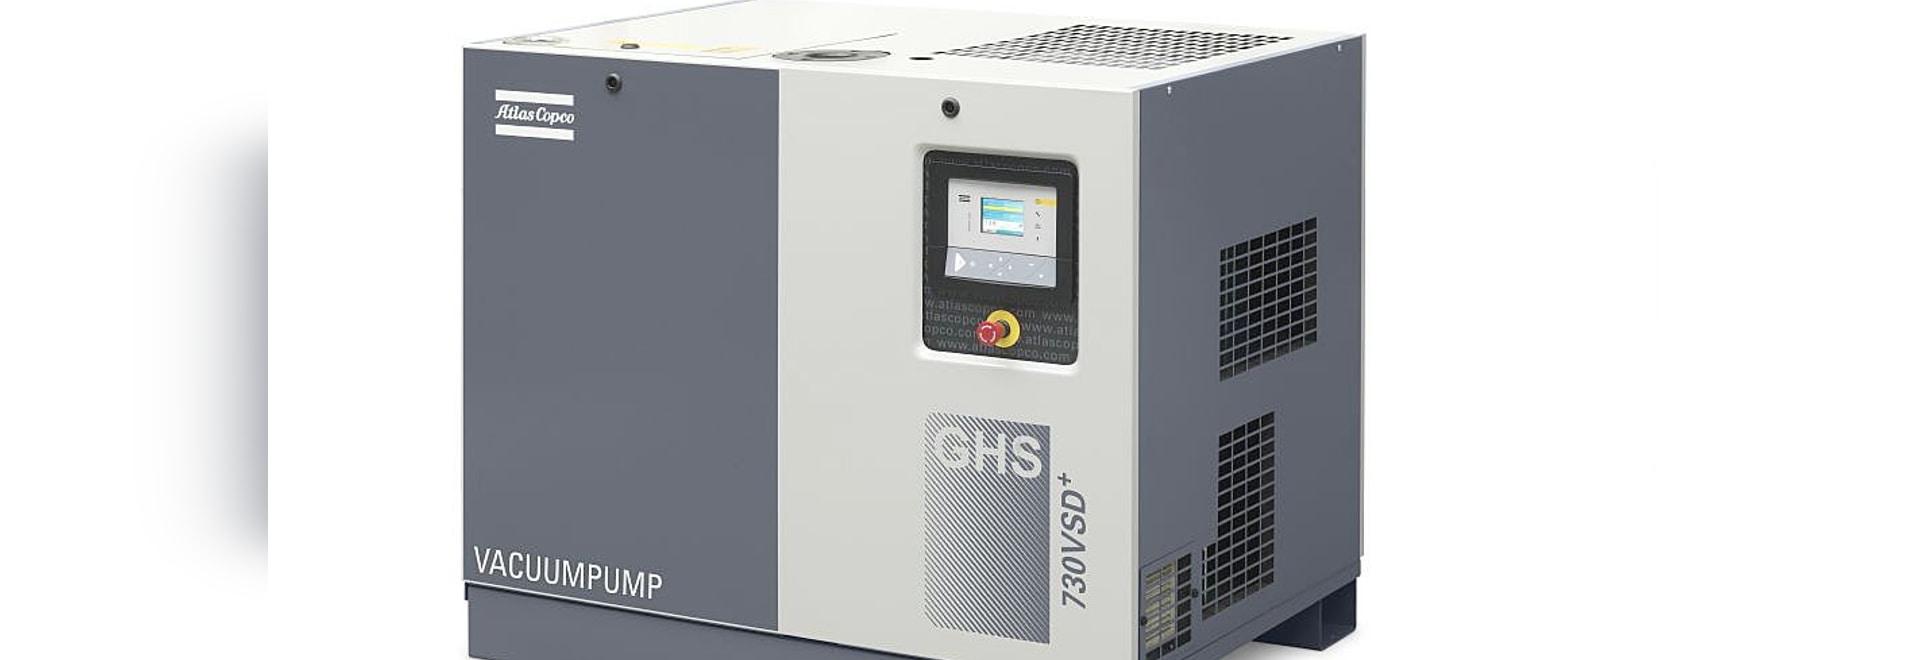 Atlas Copco to launch super-efficient VSD vacuum pump range